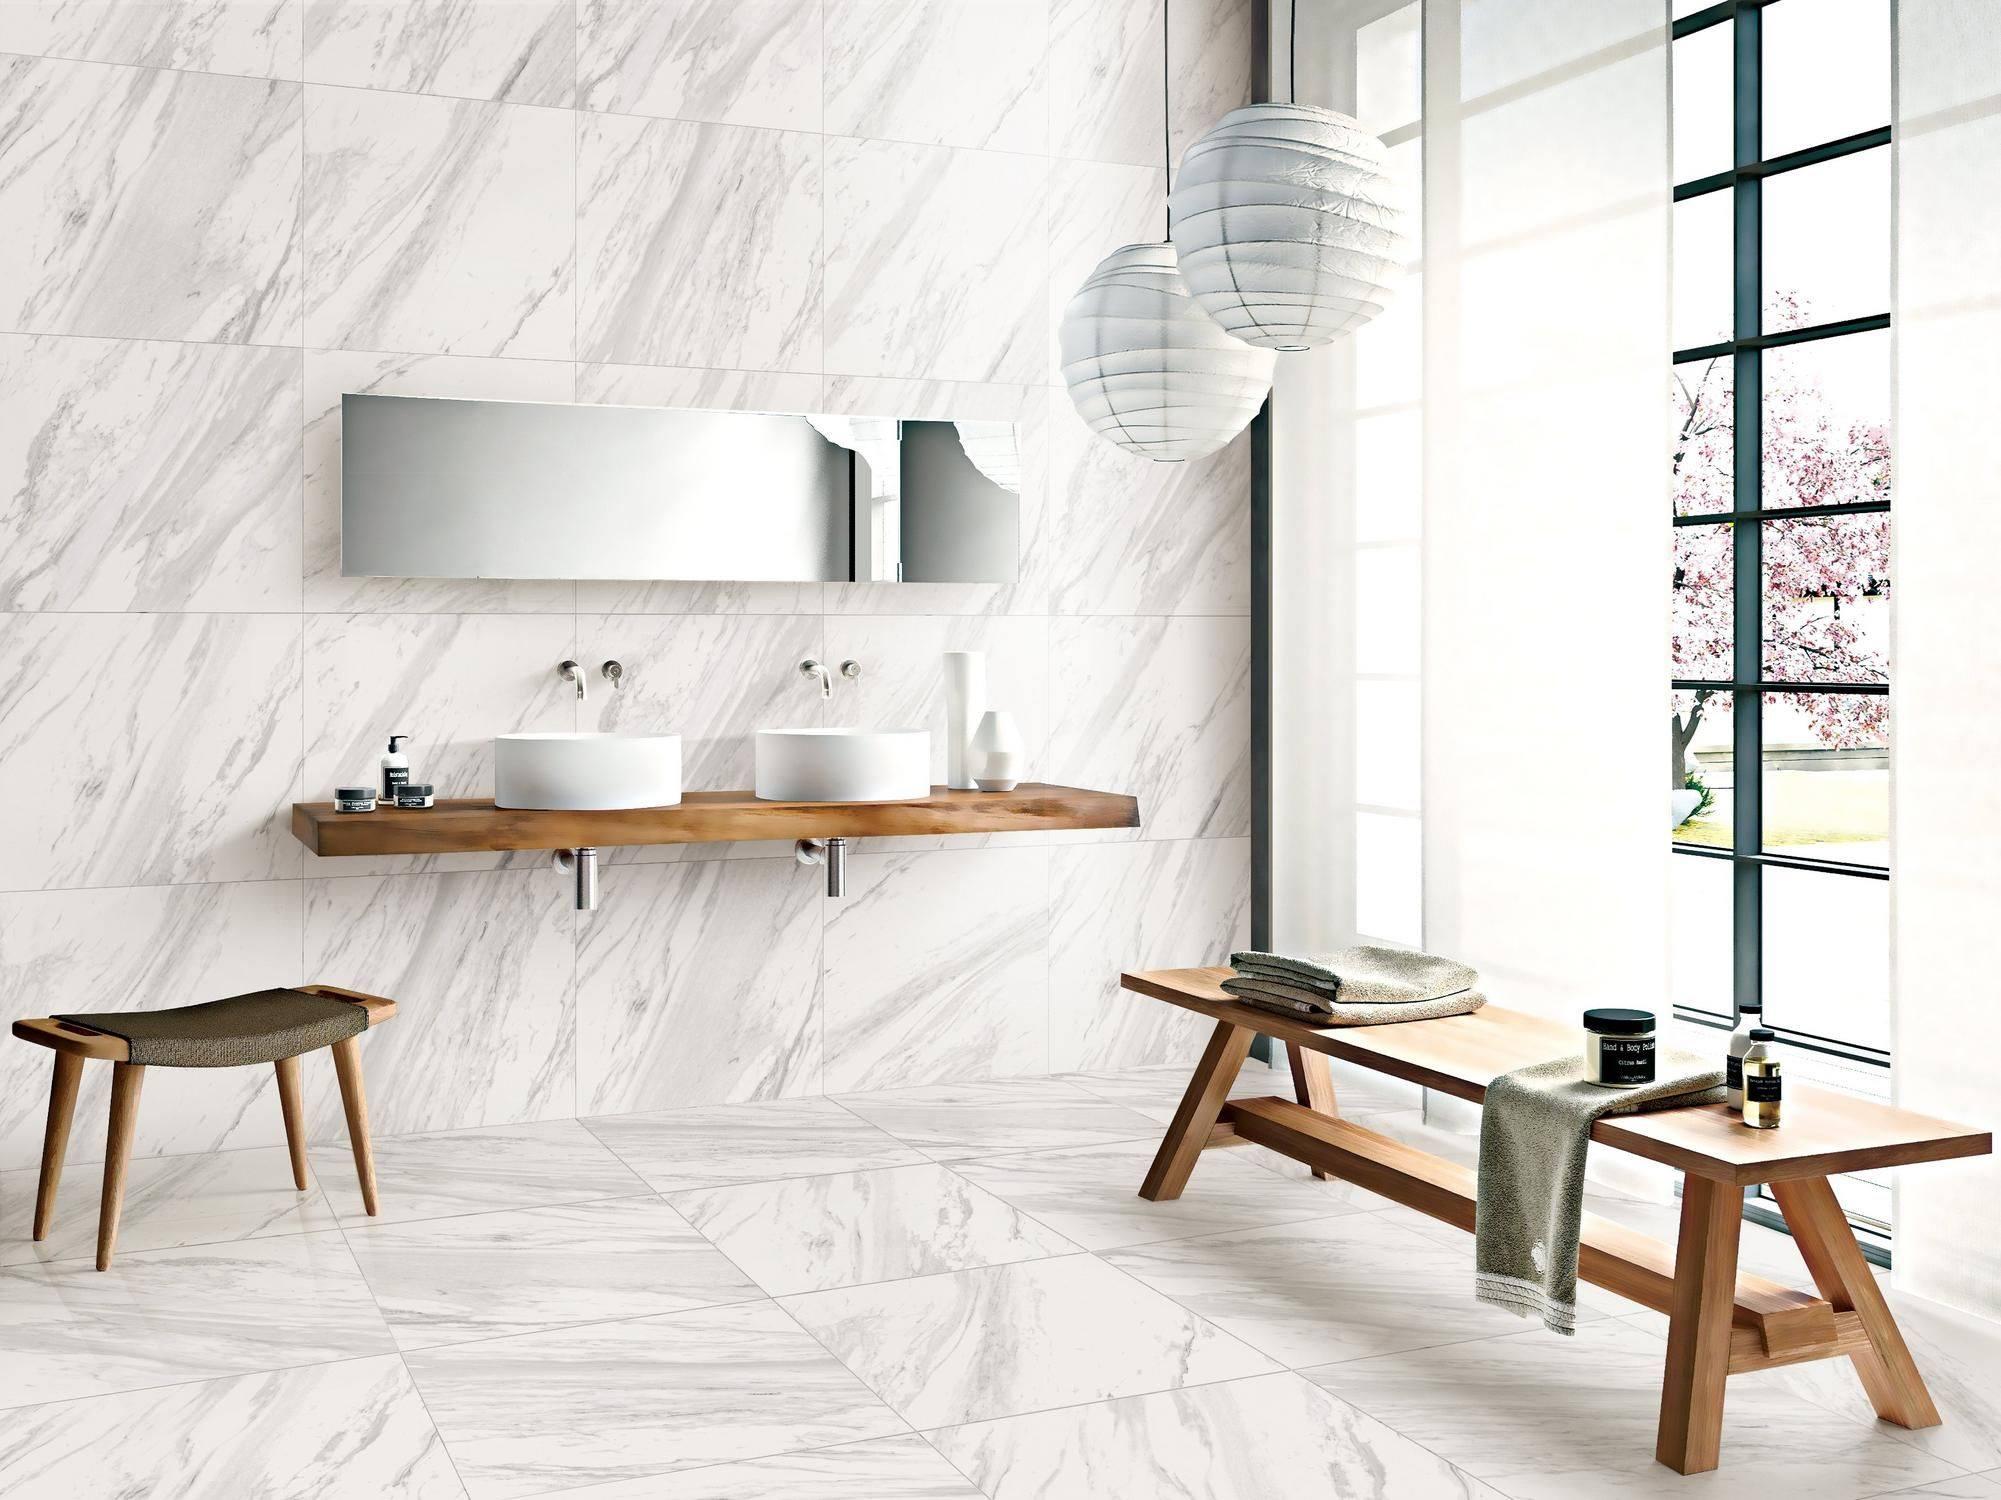 Màu trắng biểu tượng cho sự trang nhã, thanh lịch và tinh khiết